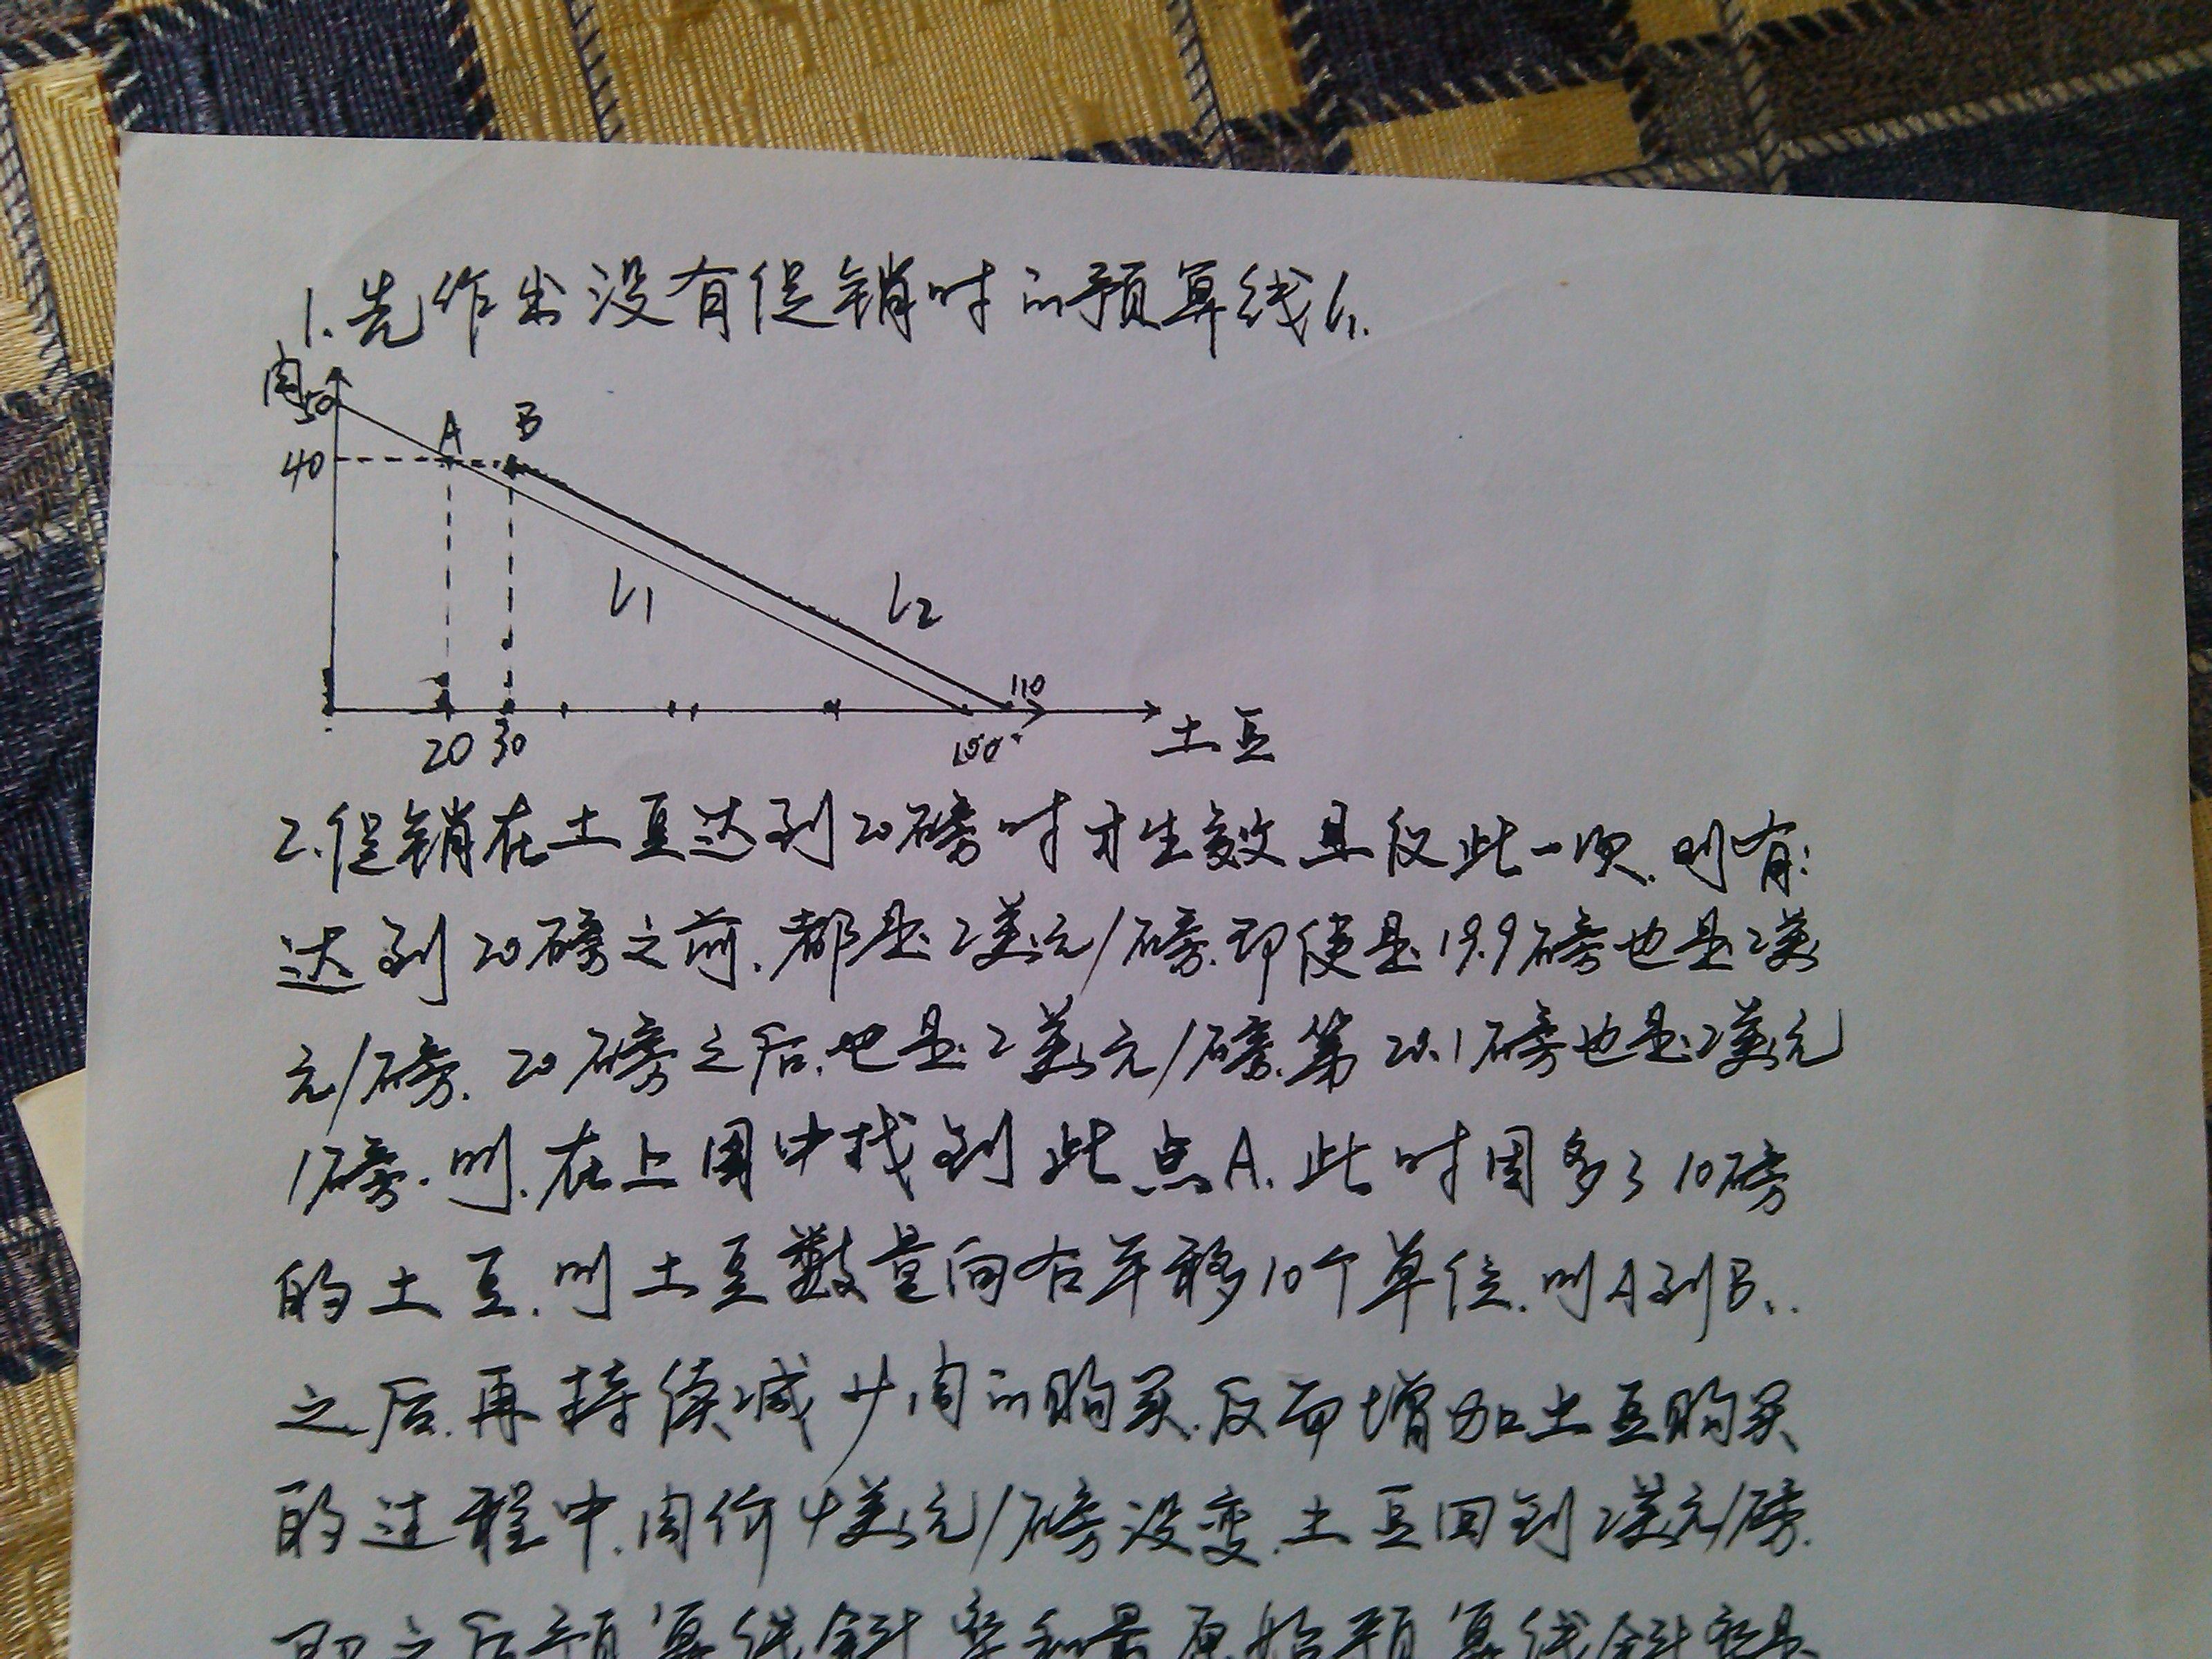 微观经济学的问题_百度知道图片